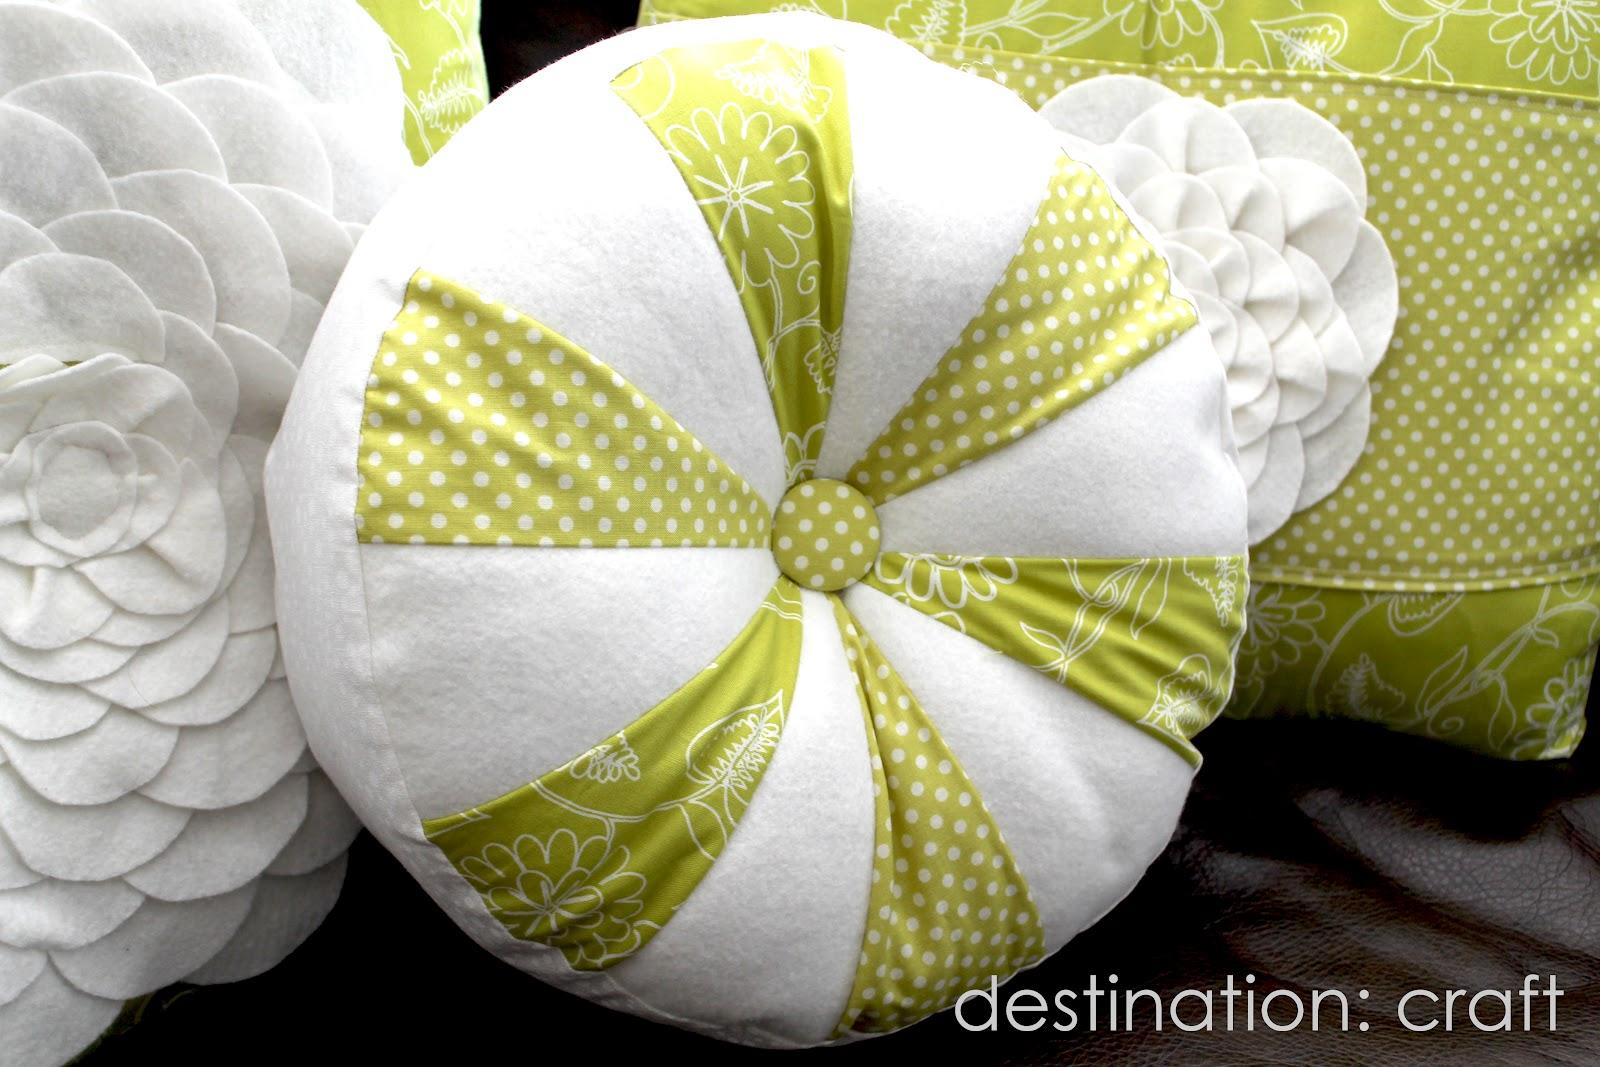 Destination Craft Sprocket Pillows